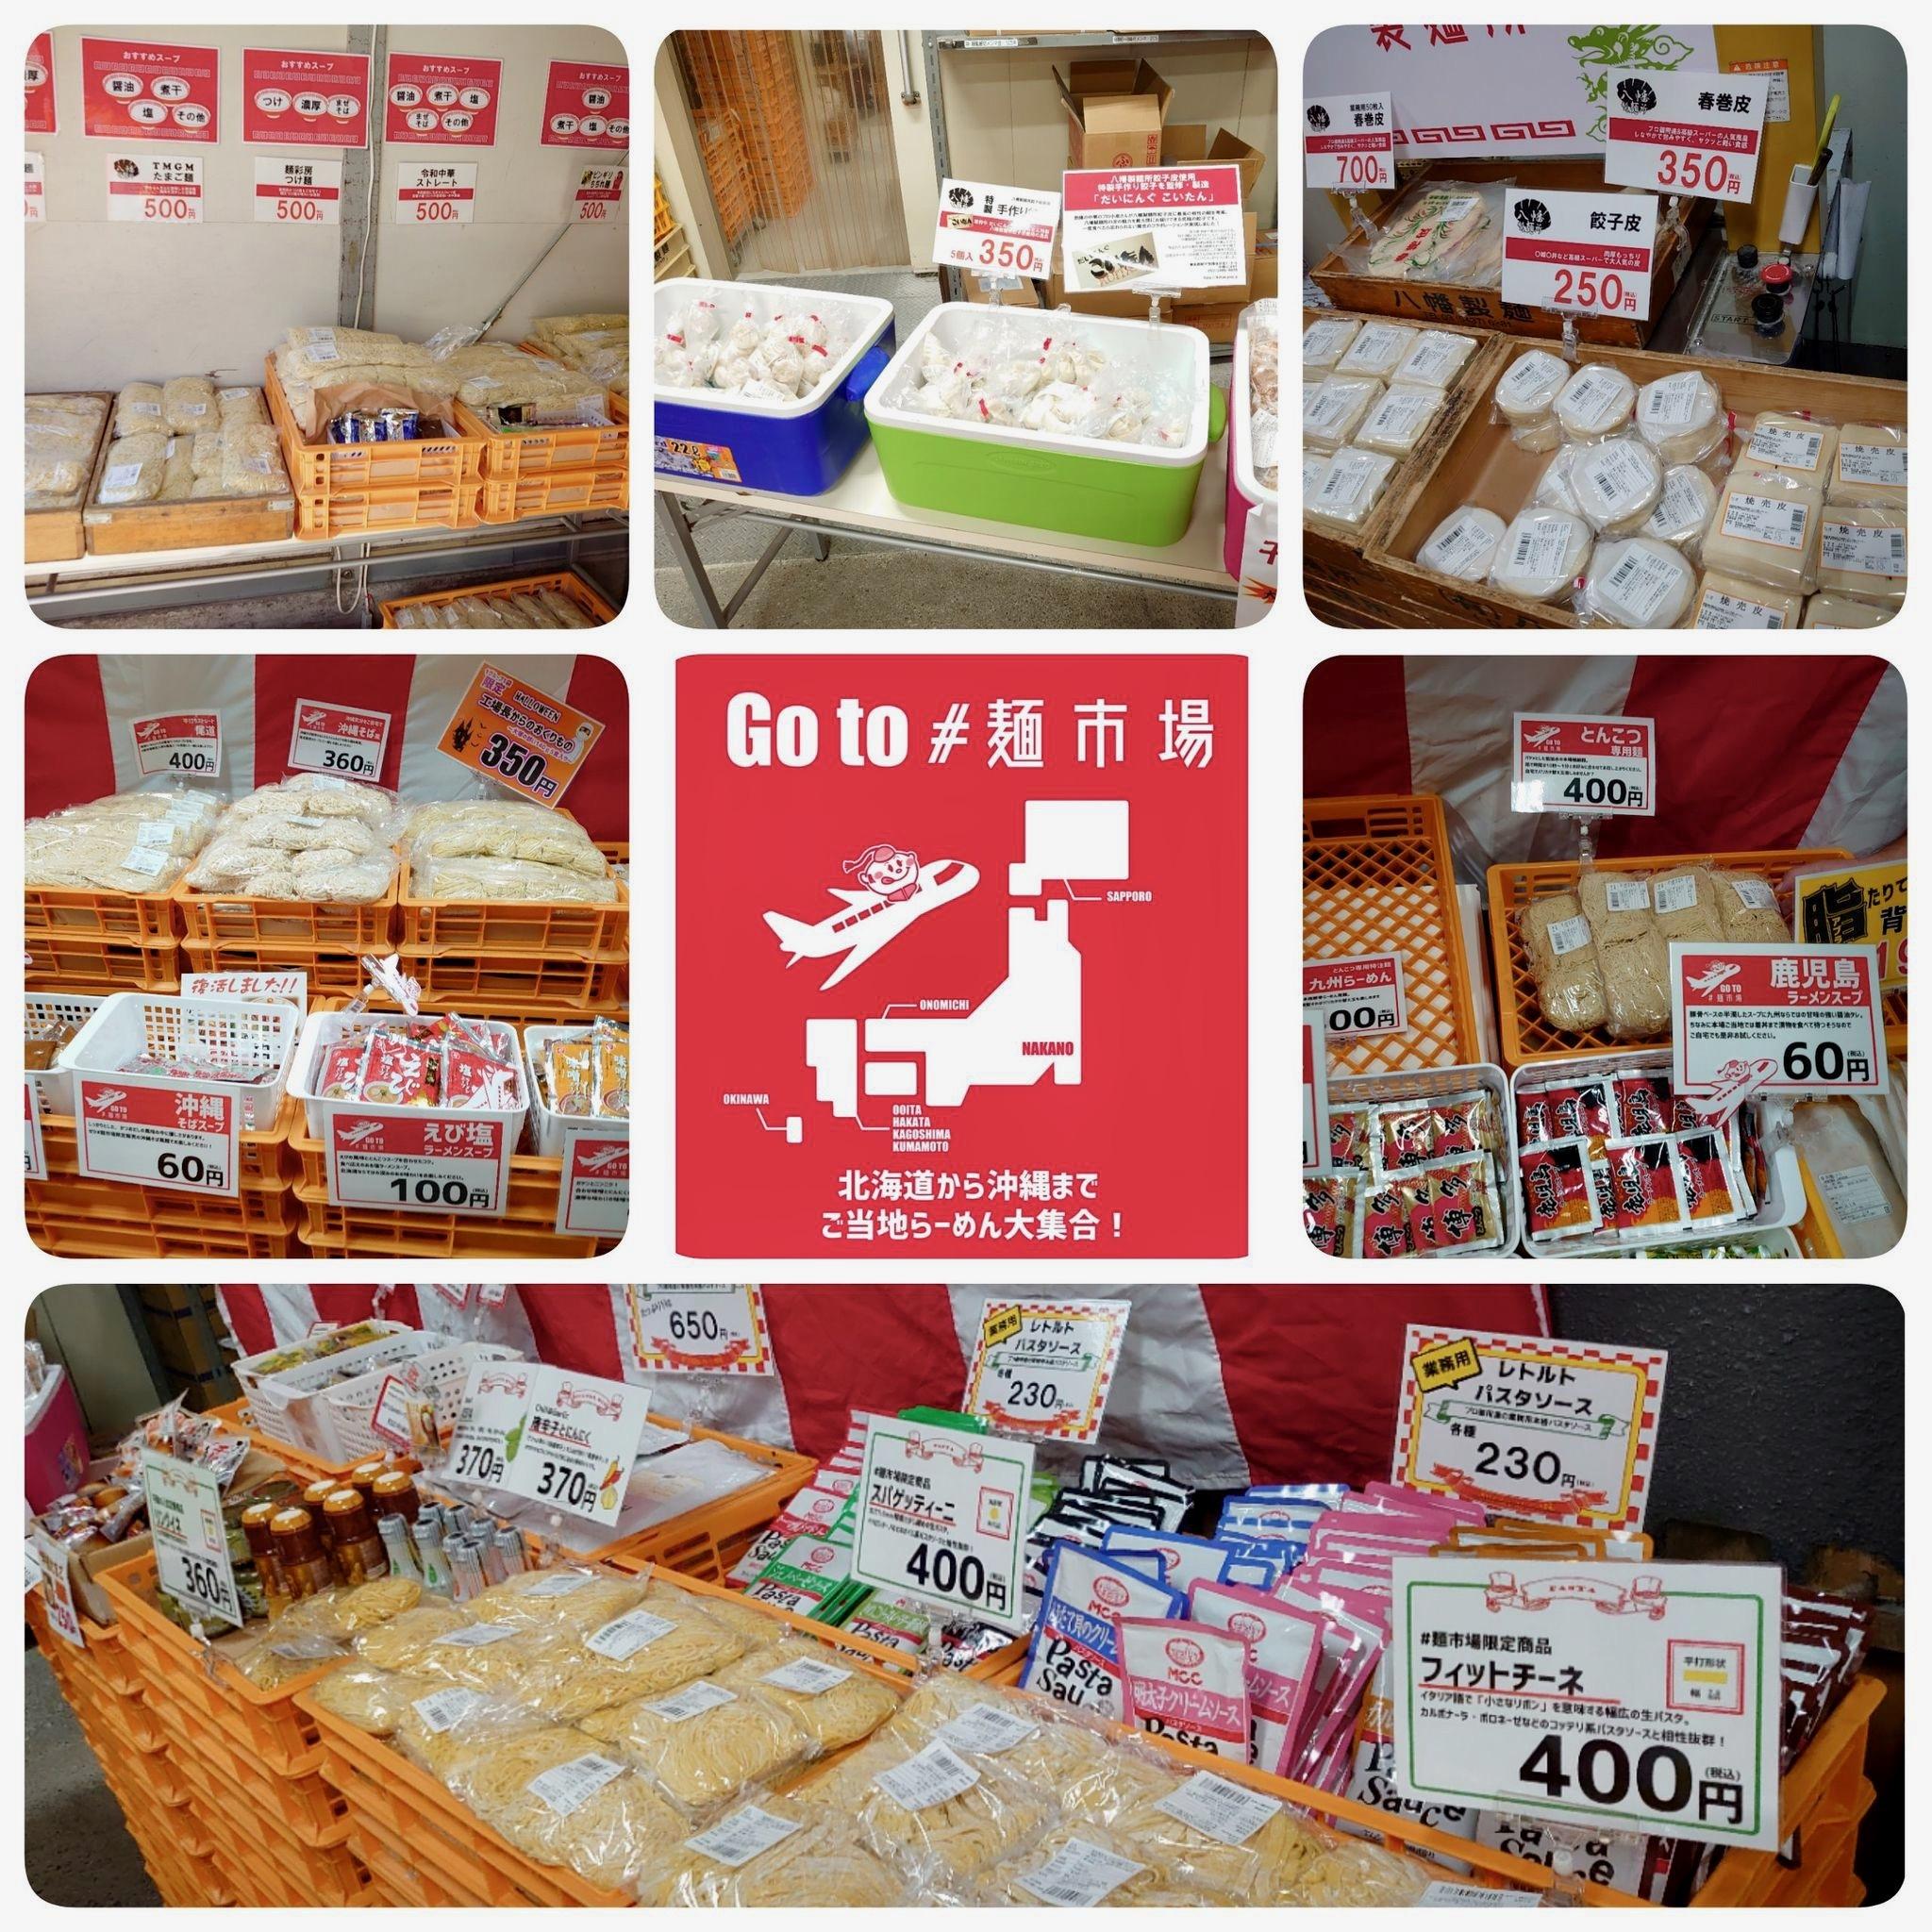 大成麺市場 10月の会場風景